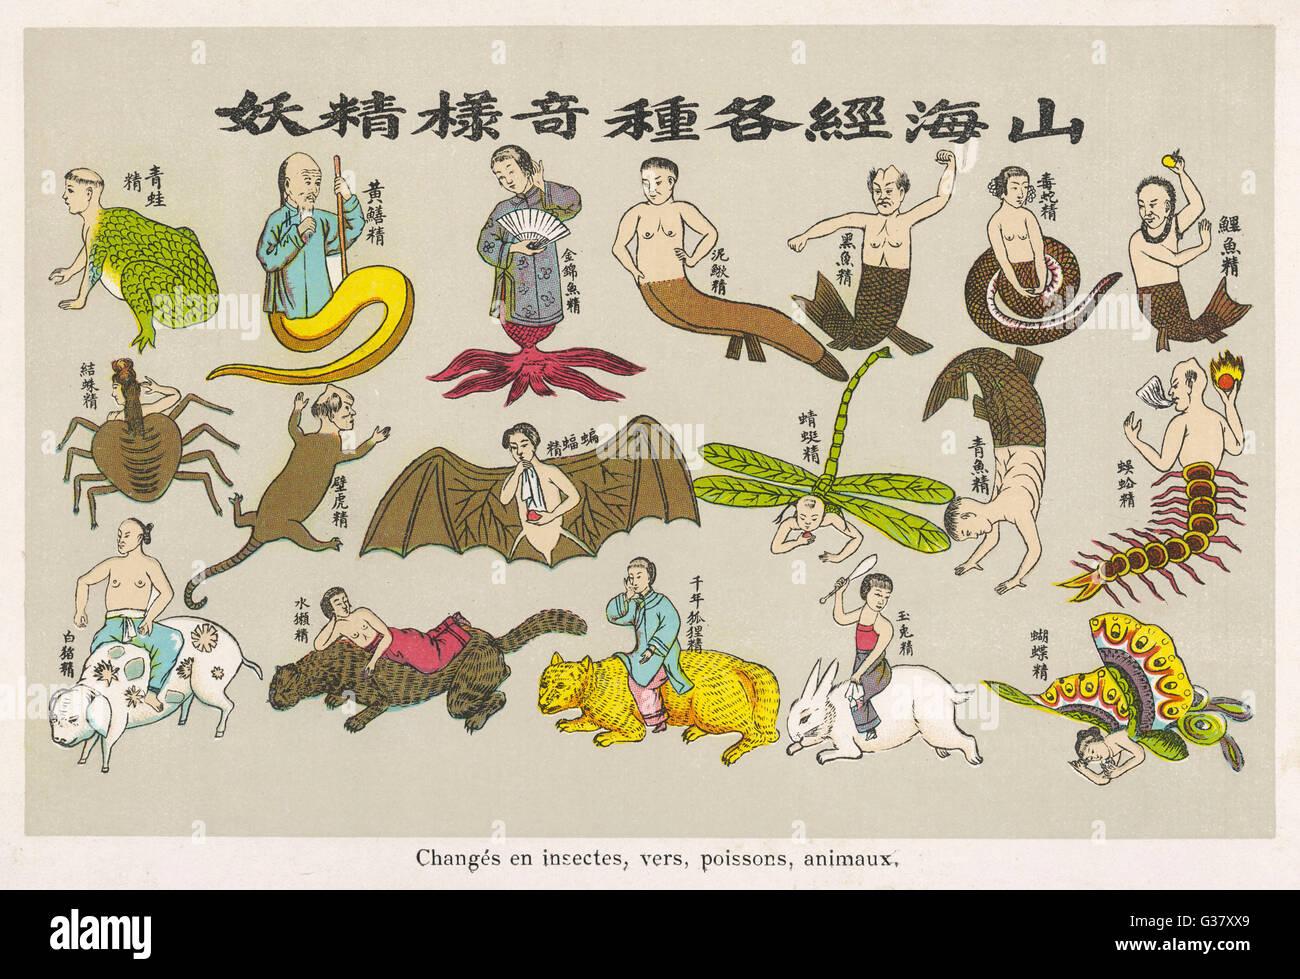 Le concept bouddhiste du cycle de re-naissance: l'âme est né de nouveau comme un oiseau, un Photo Stock